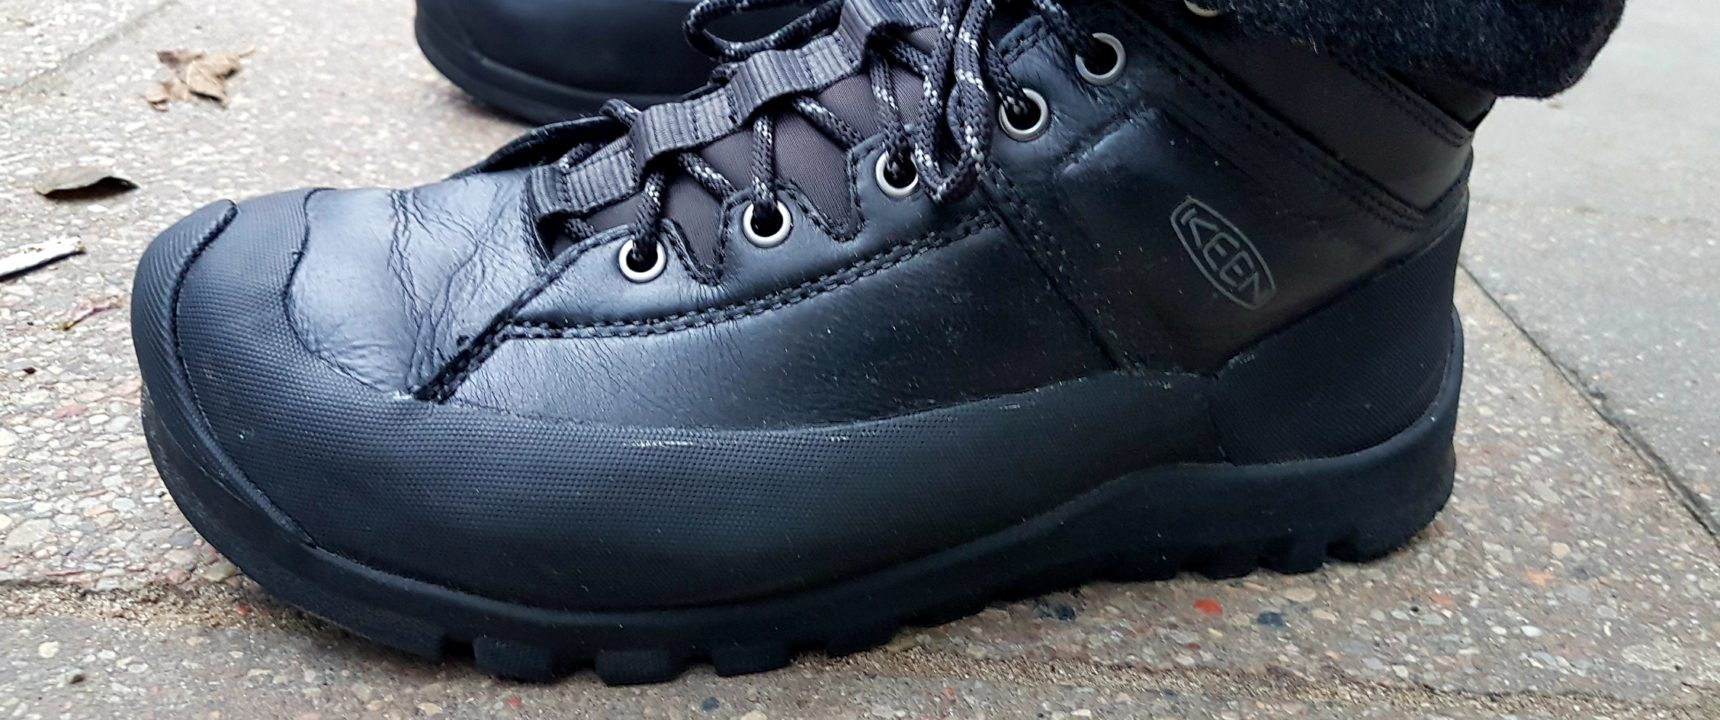 Keen Citizen test butów